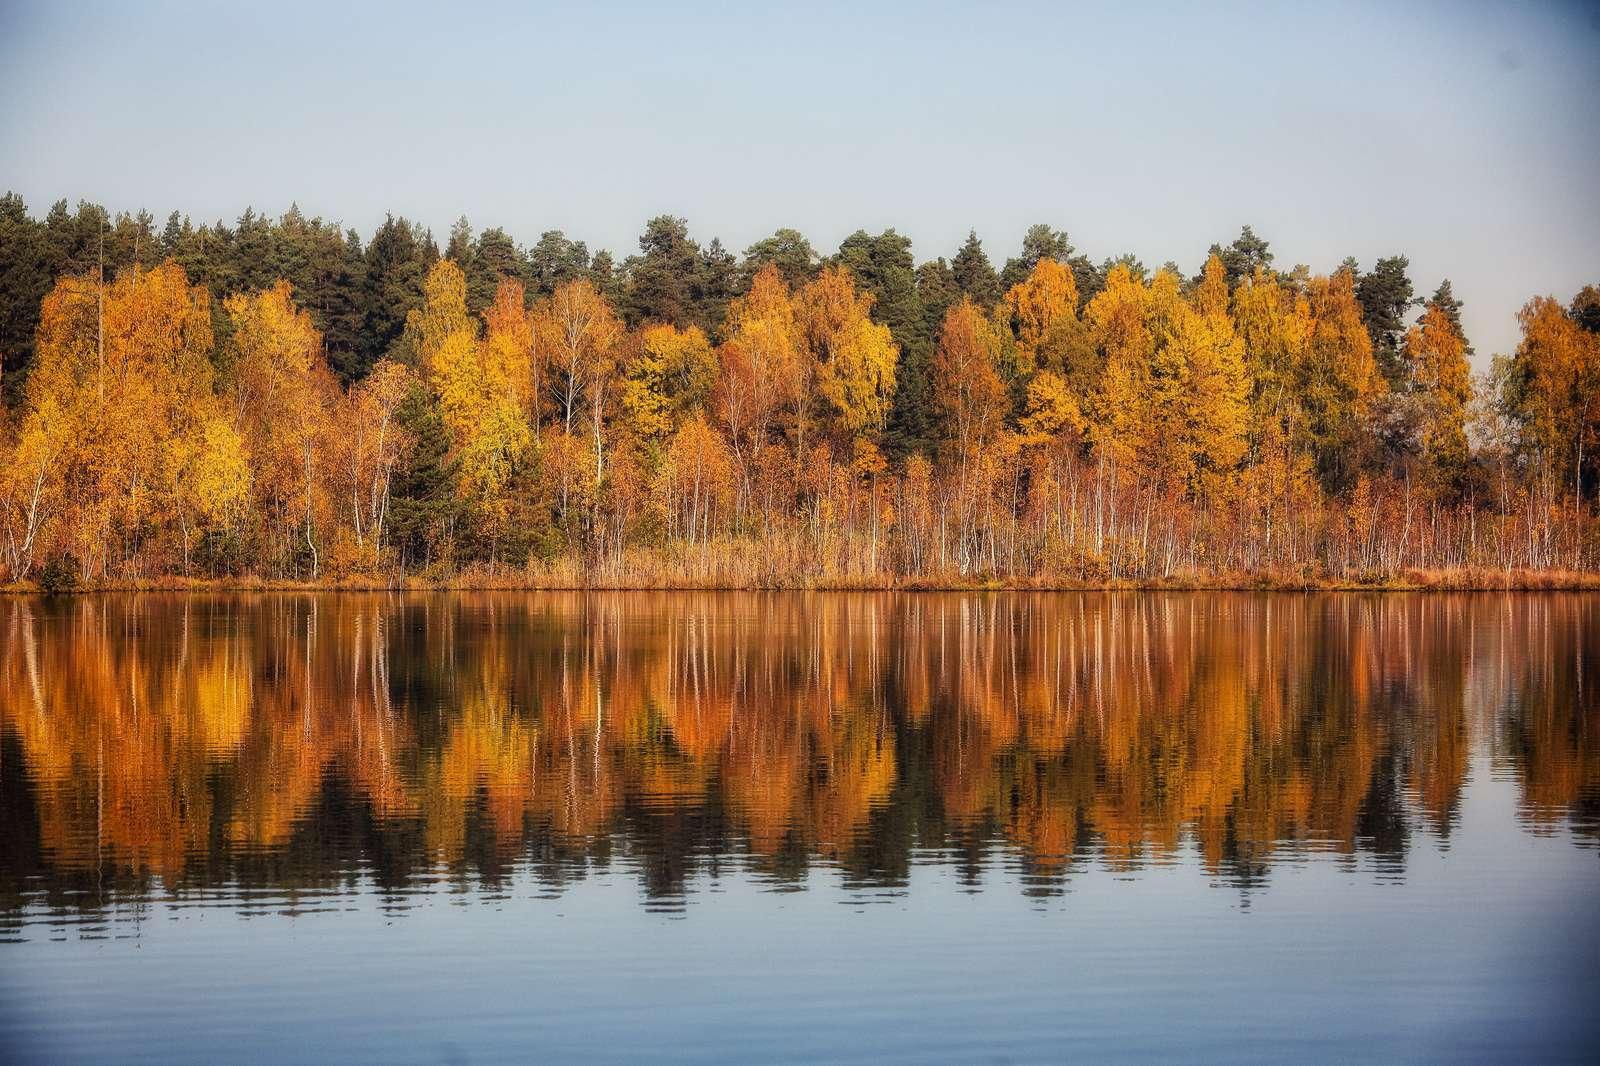 Благоустройство озера Бабошкино начнется осенью в Балашихе | Изображение 2